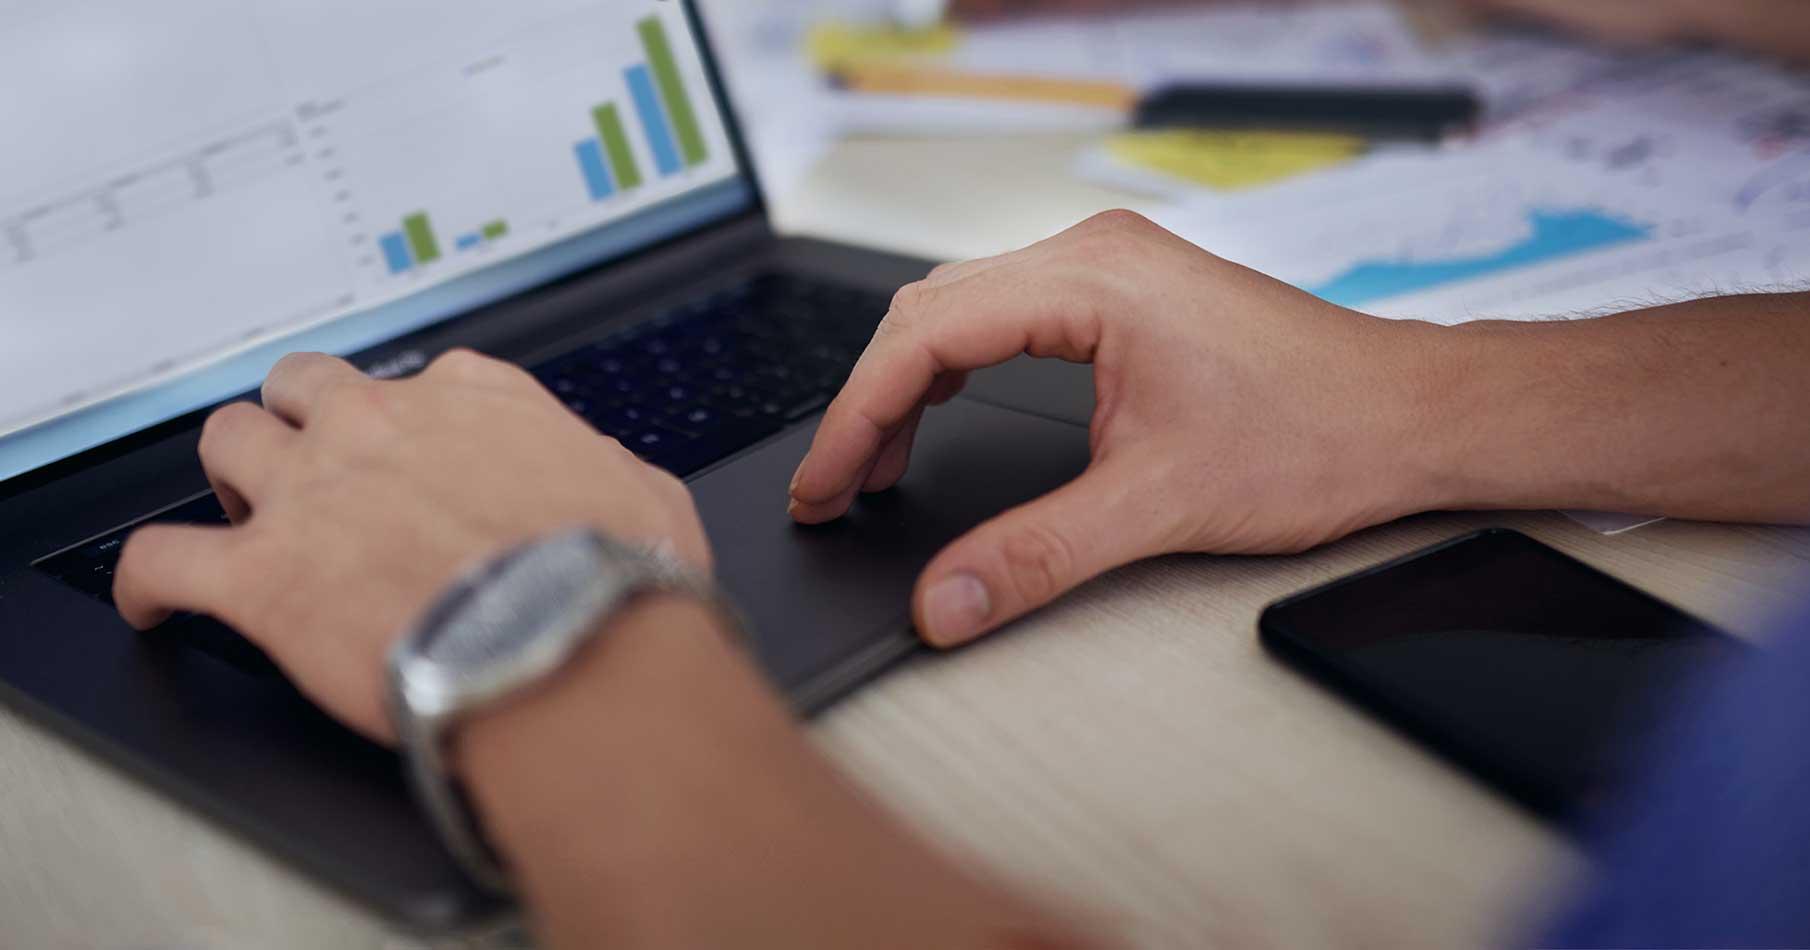 Närbild på händer som skapar en kalkyl i AddMobiles projekthanteringssystem